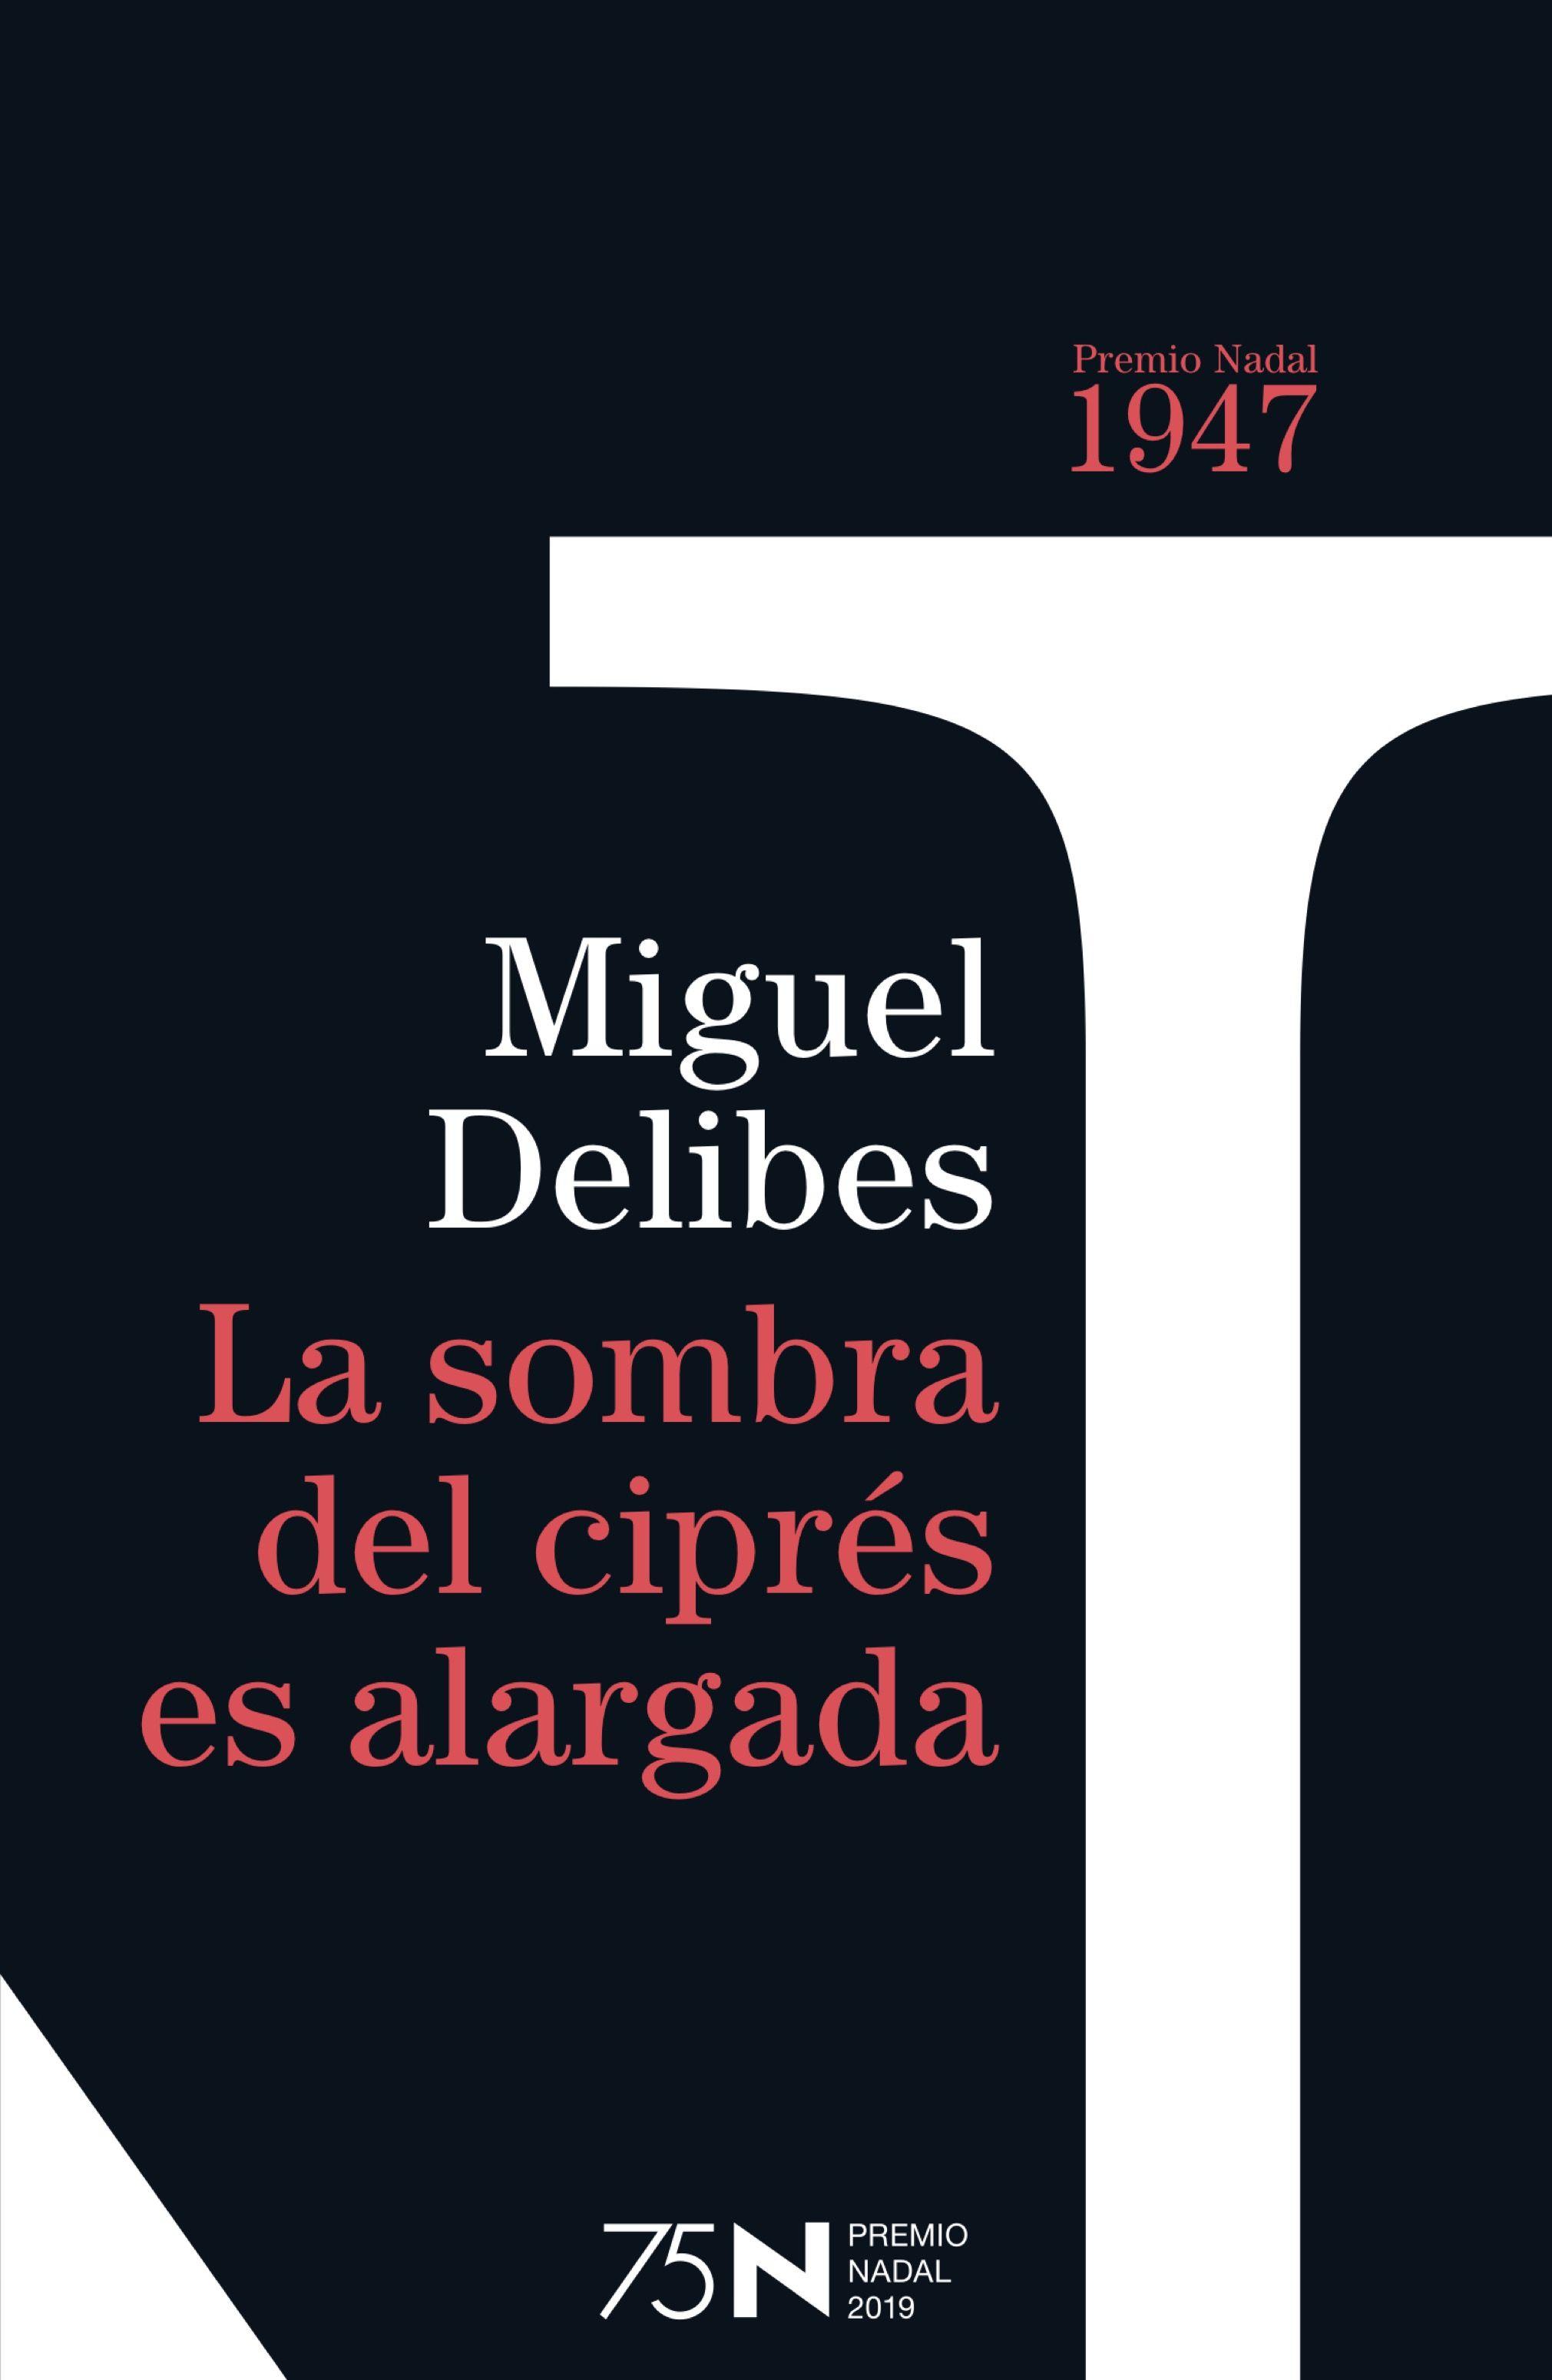 ¿Que estáis leyendo ahora? - Página 14 Portada_la-sombra-del-cipres-es-alargada_miguel-delibes_201811061658